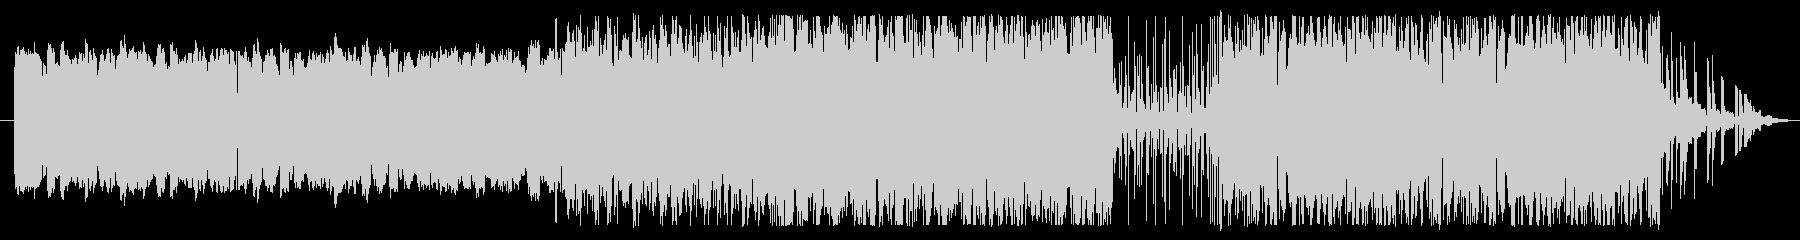 中世風古笛ワルツ:ホラー系や廃墟シーンにの未再生の波形